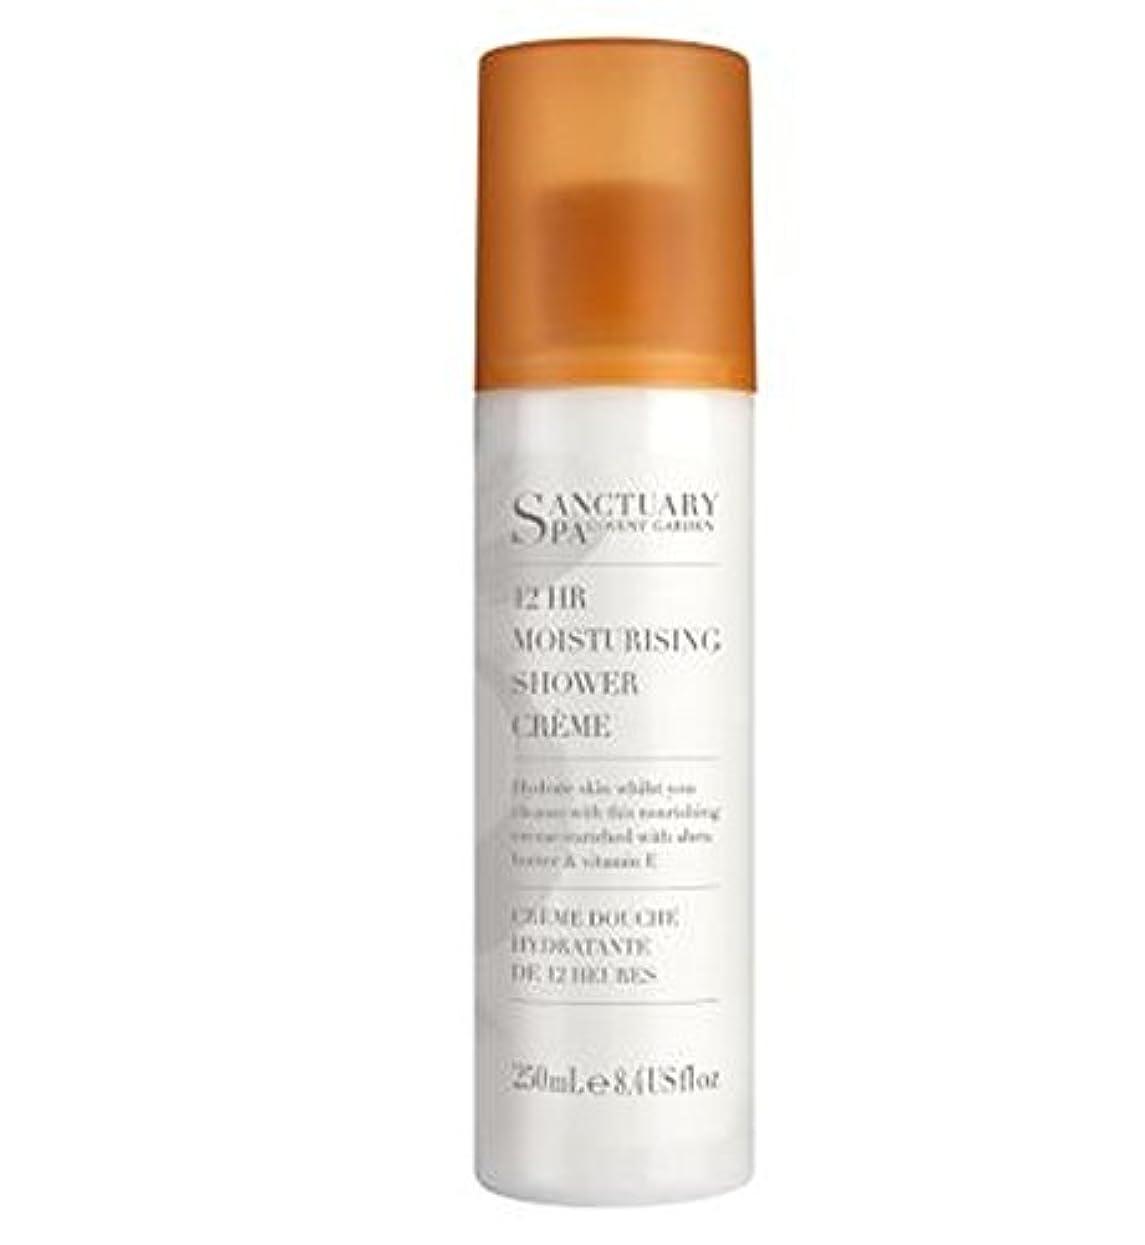 示すアクセシブル光のSanctuary 12 Hour Moisturising Shower Cream 250ml - 聖域12時間保湿シャワークリーム250ミリリットル (Sanctuary) [並行輸入品]